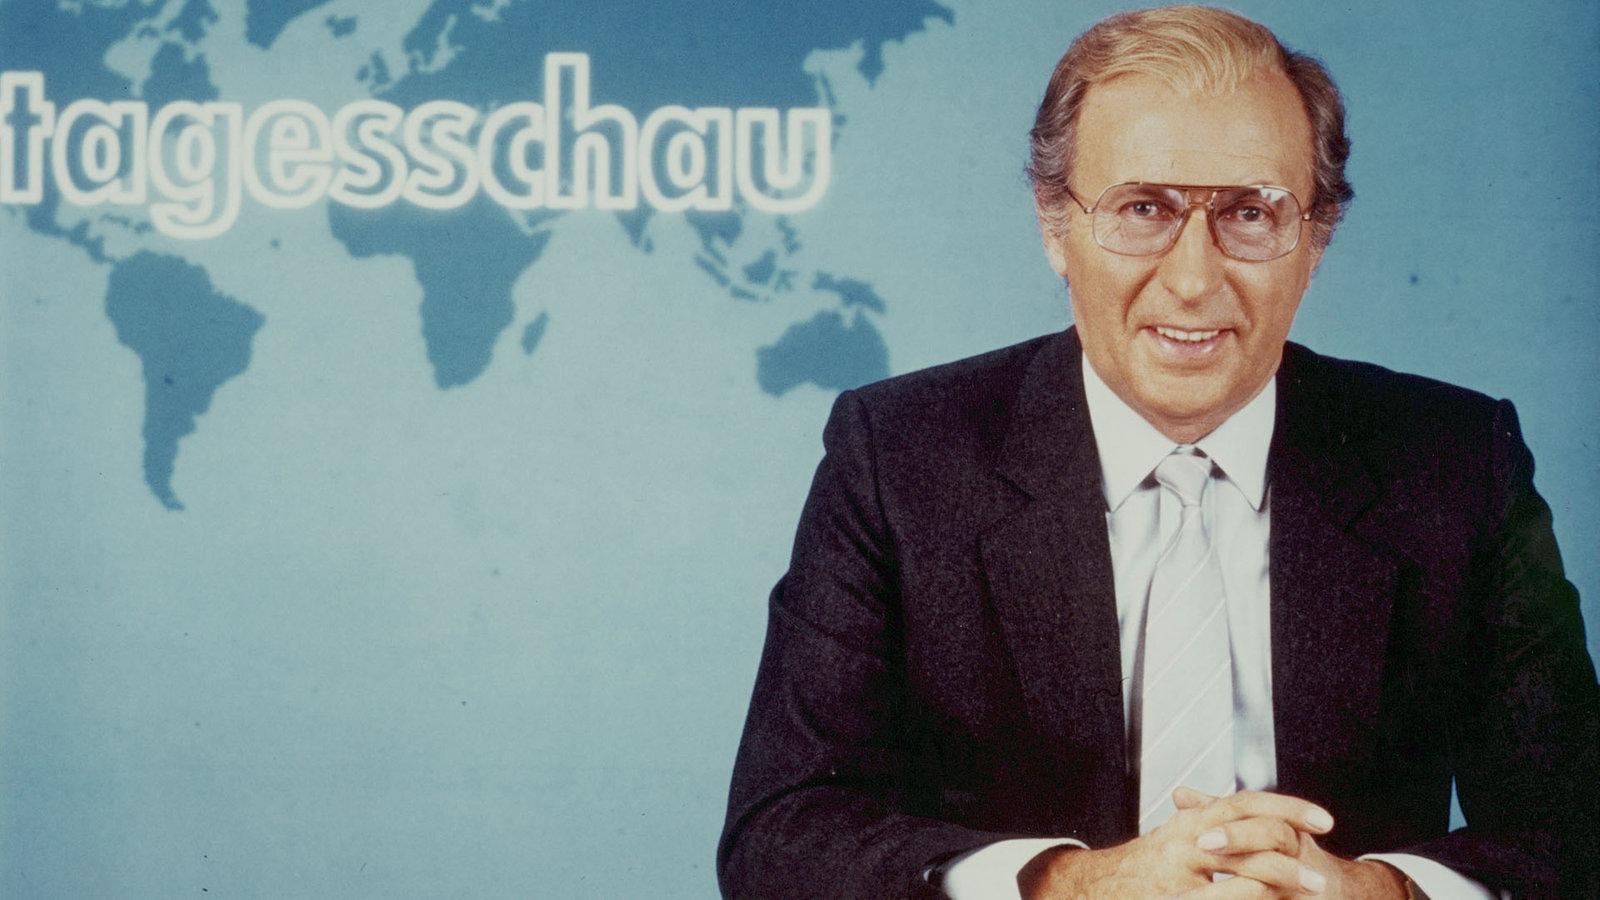 Fernsehnachrichten geschichte der fernsehnachrichten medien kultur planet wissen for Nachrichtensprecher zdf